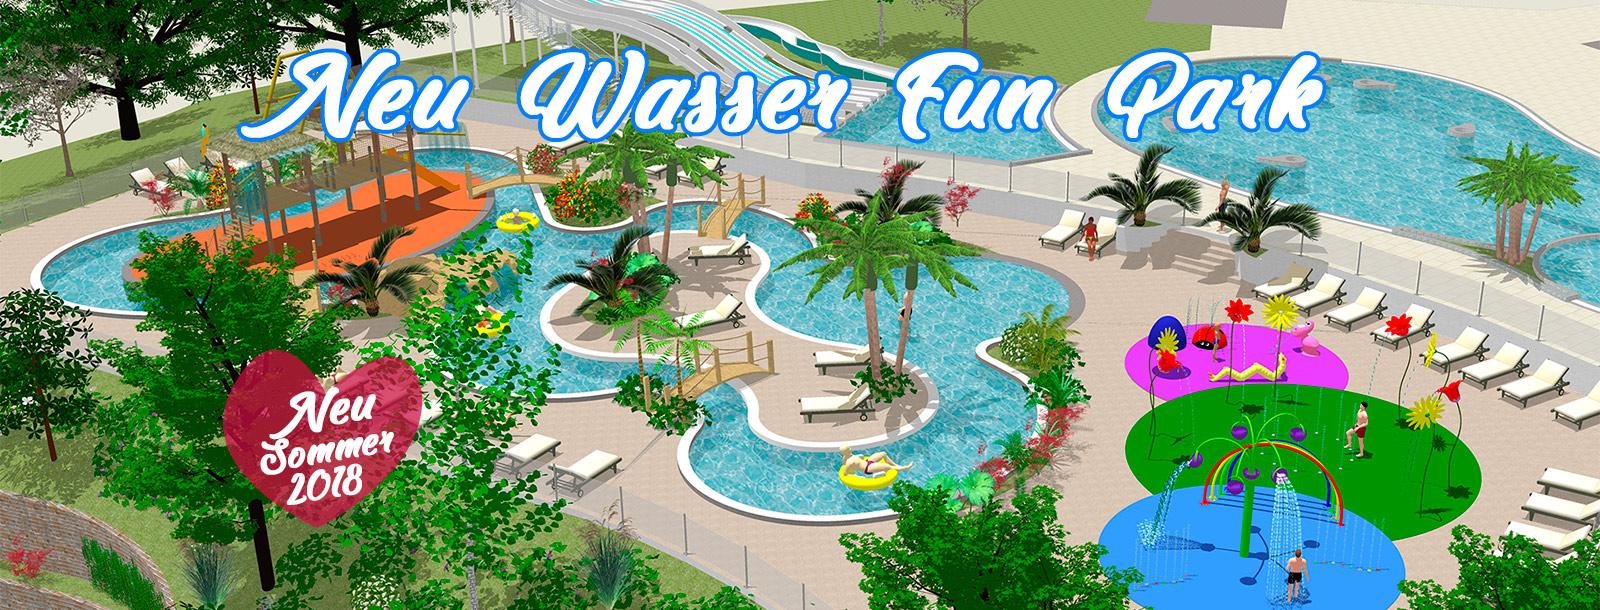 Der Aquatic Park verdoppelt seine Größe für unvergessliche Ferien!